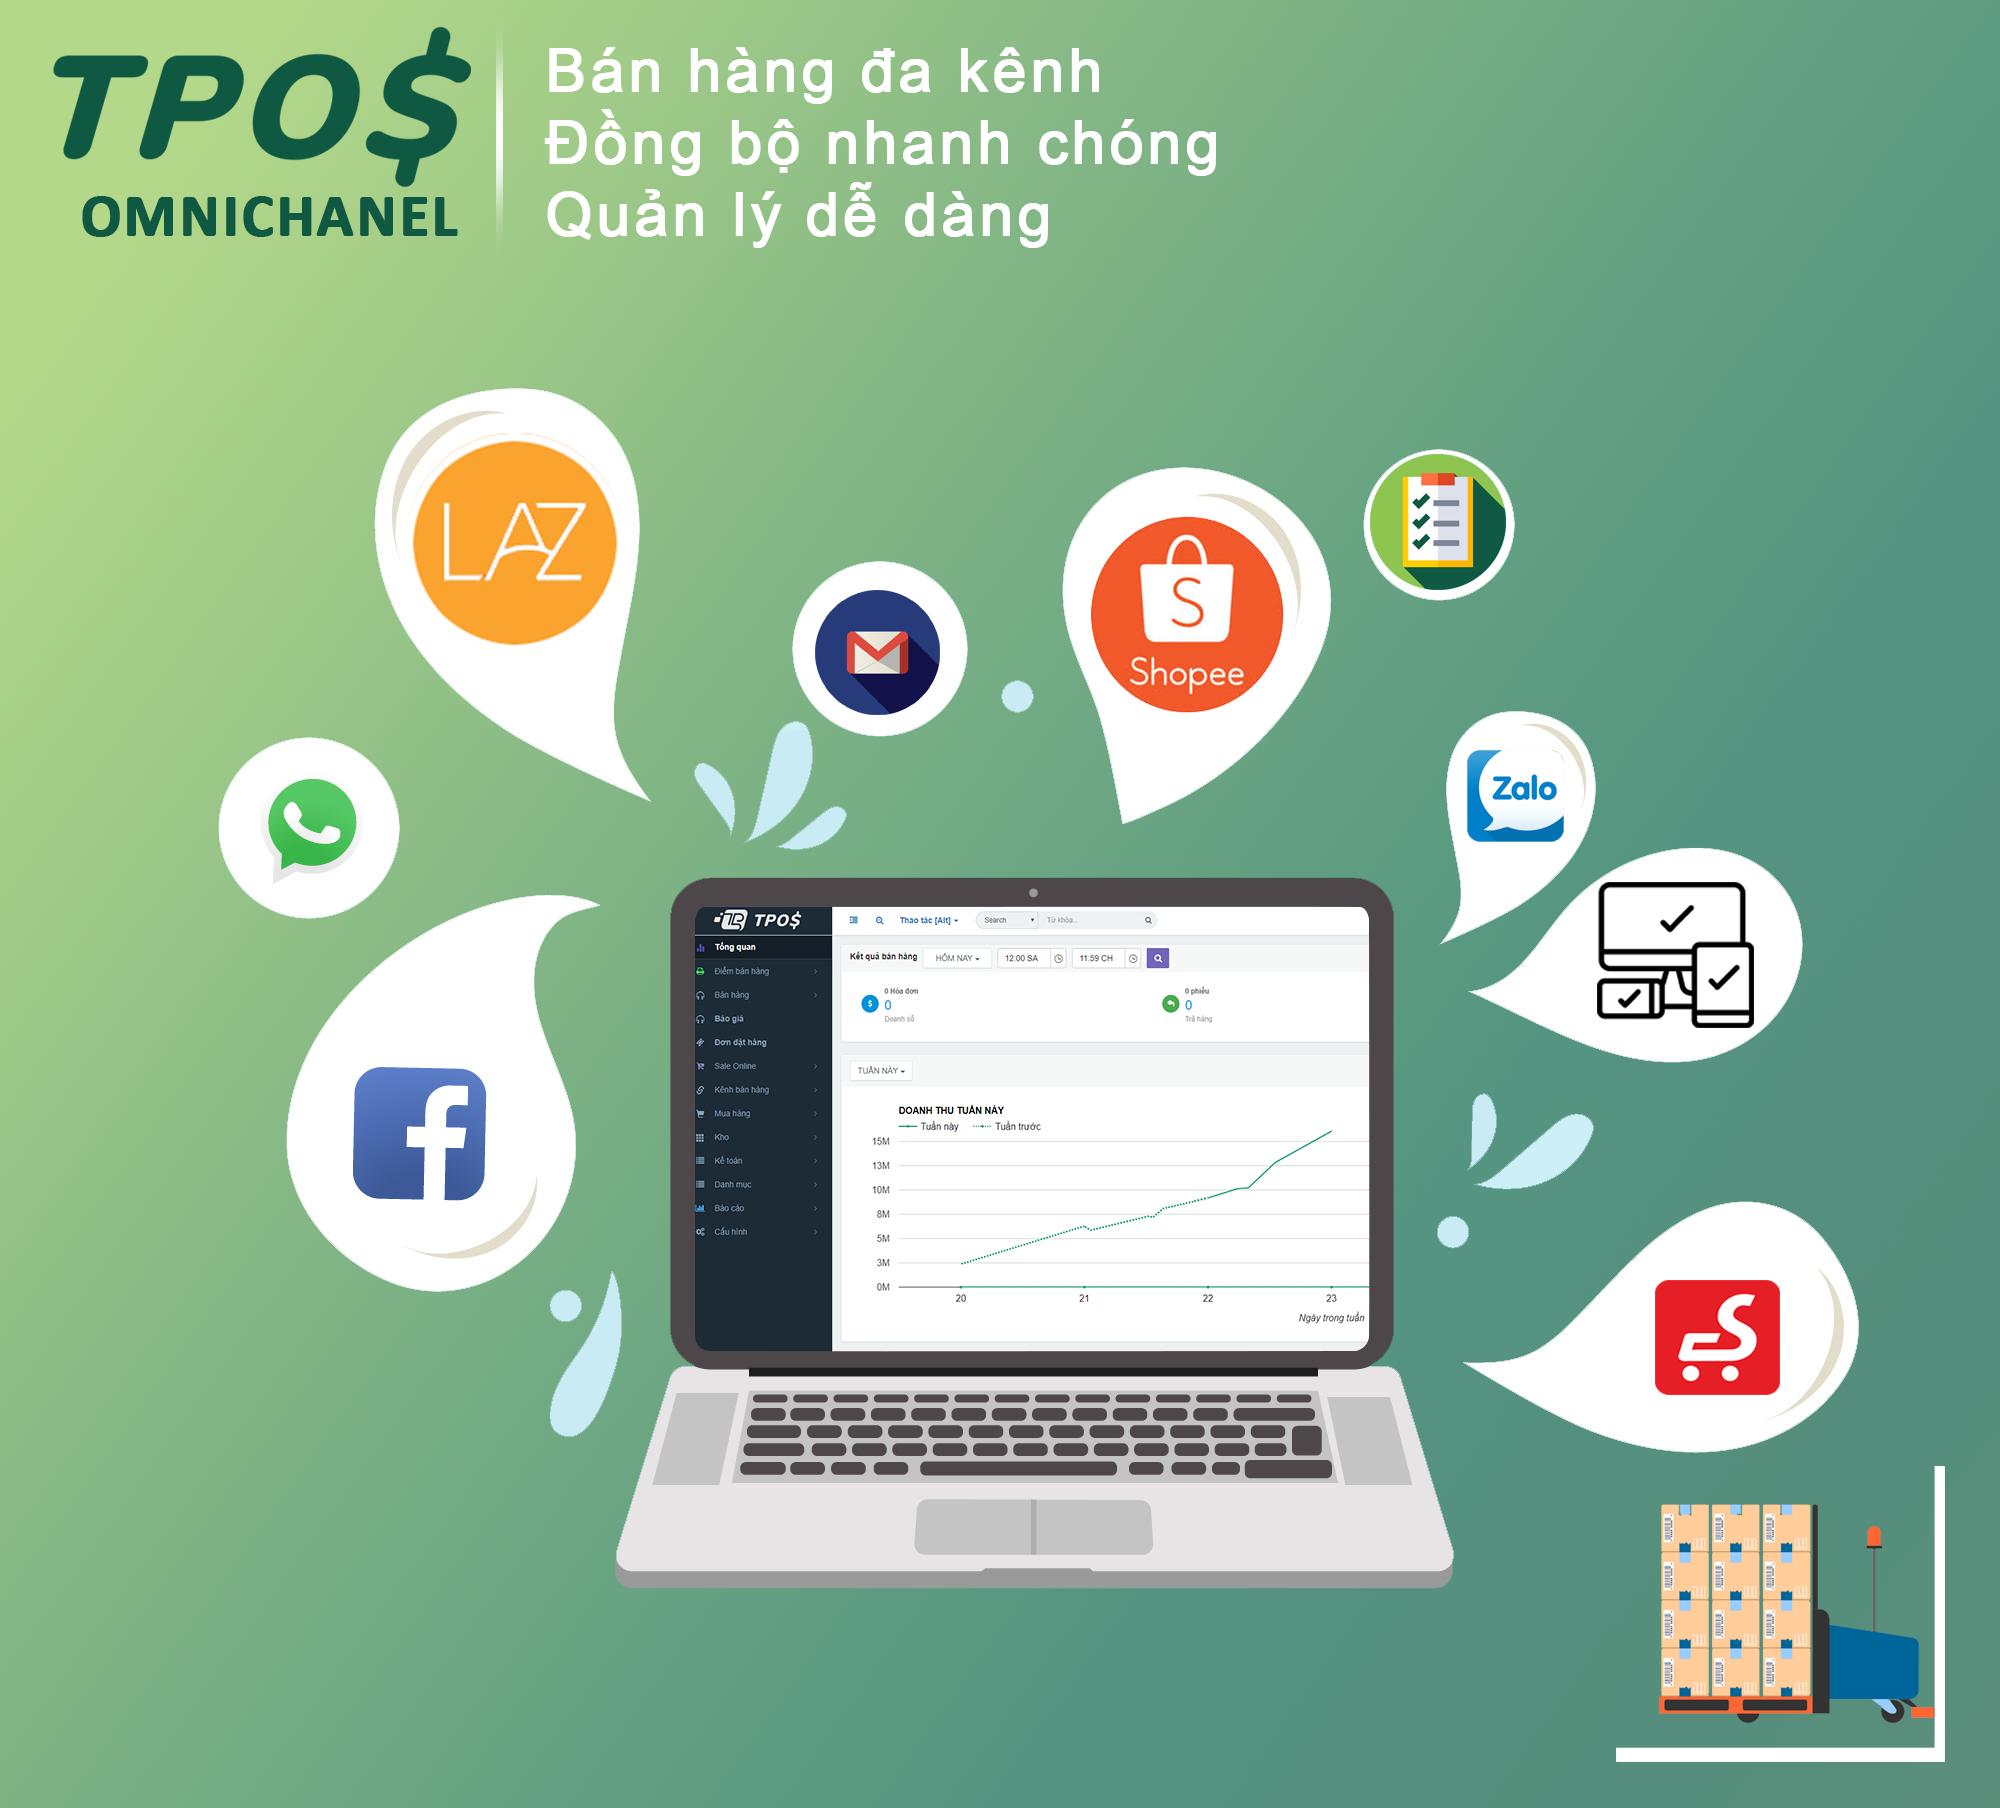 Lời khuyên chân thành cho những ai khởi nghiệp bằng kinh doanh online - 271761